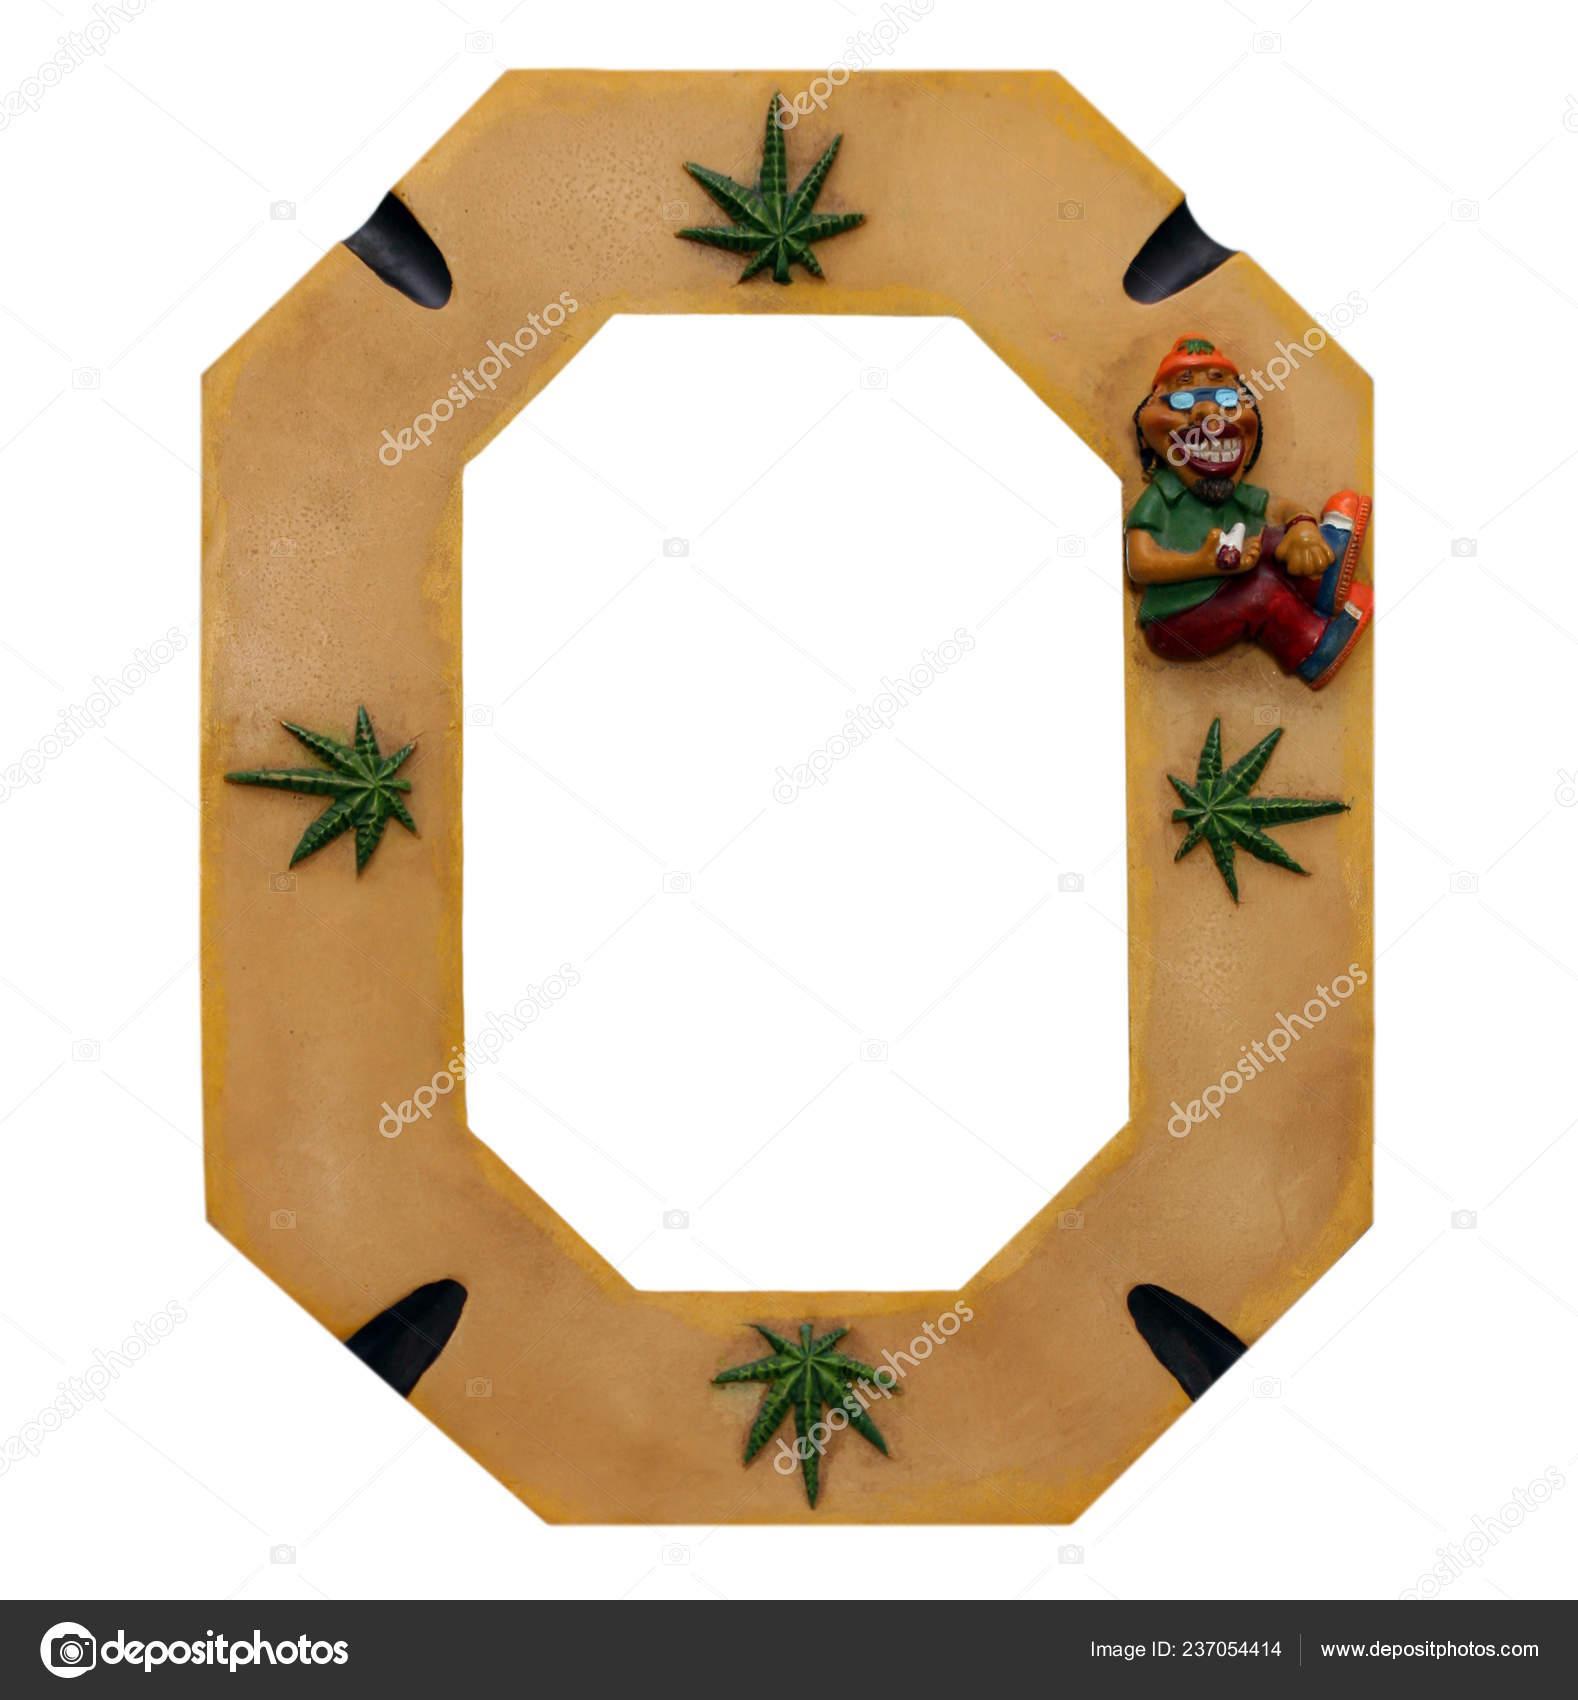 Cadre Photo Drole Cannabis Isole Sur Blanc Photographie Antoniogravante C 237054414